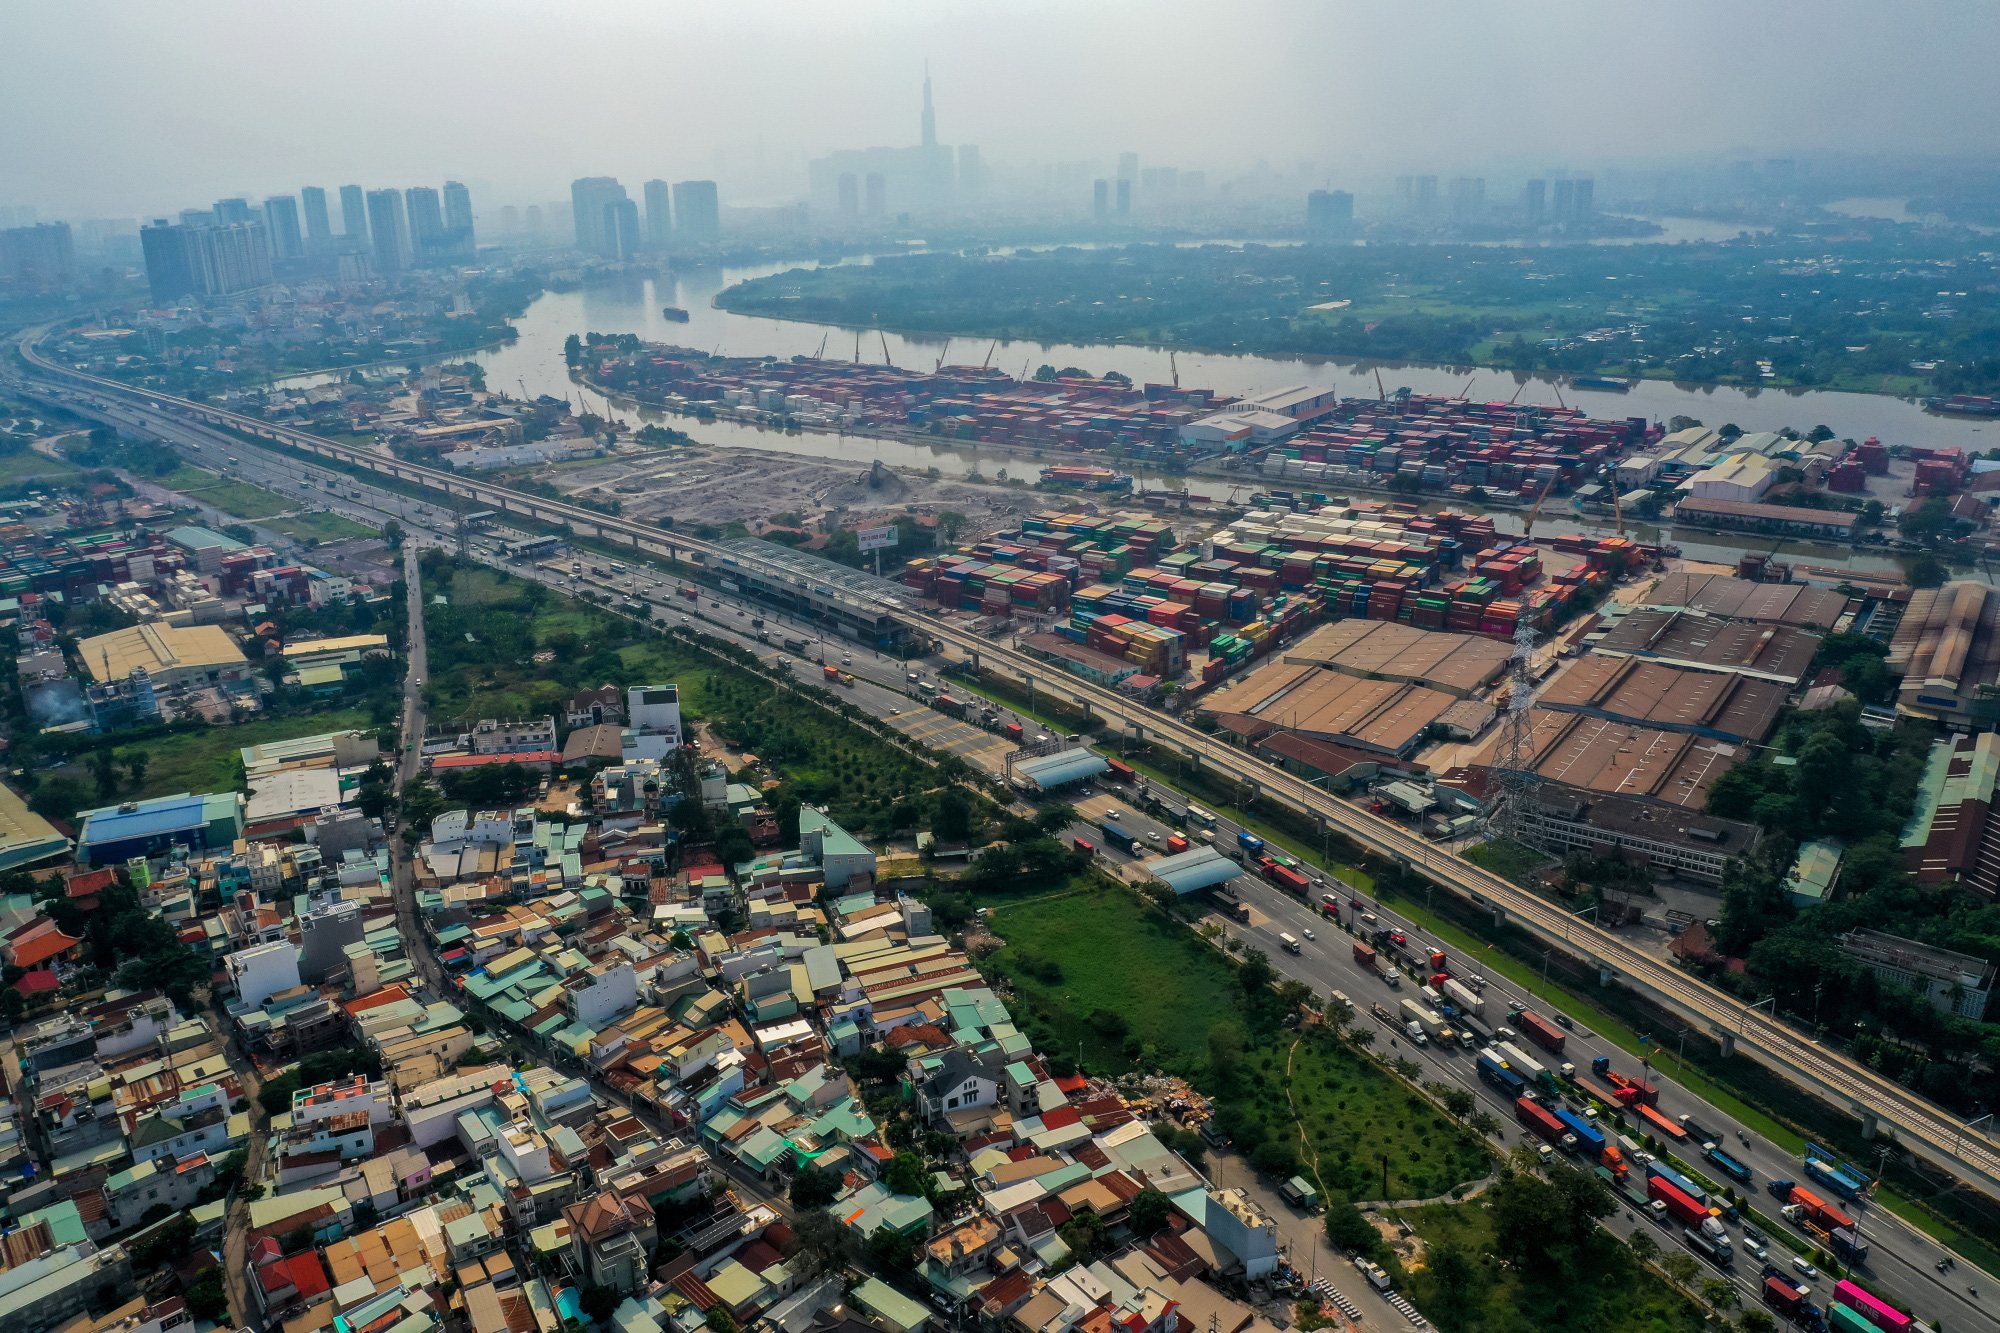 Giá đất Trường Thọ tăng vọt theo đề án thành phố Thủ Đức - Ảnh 1.